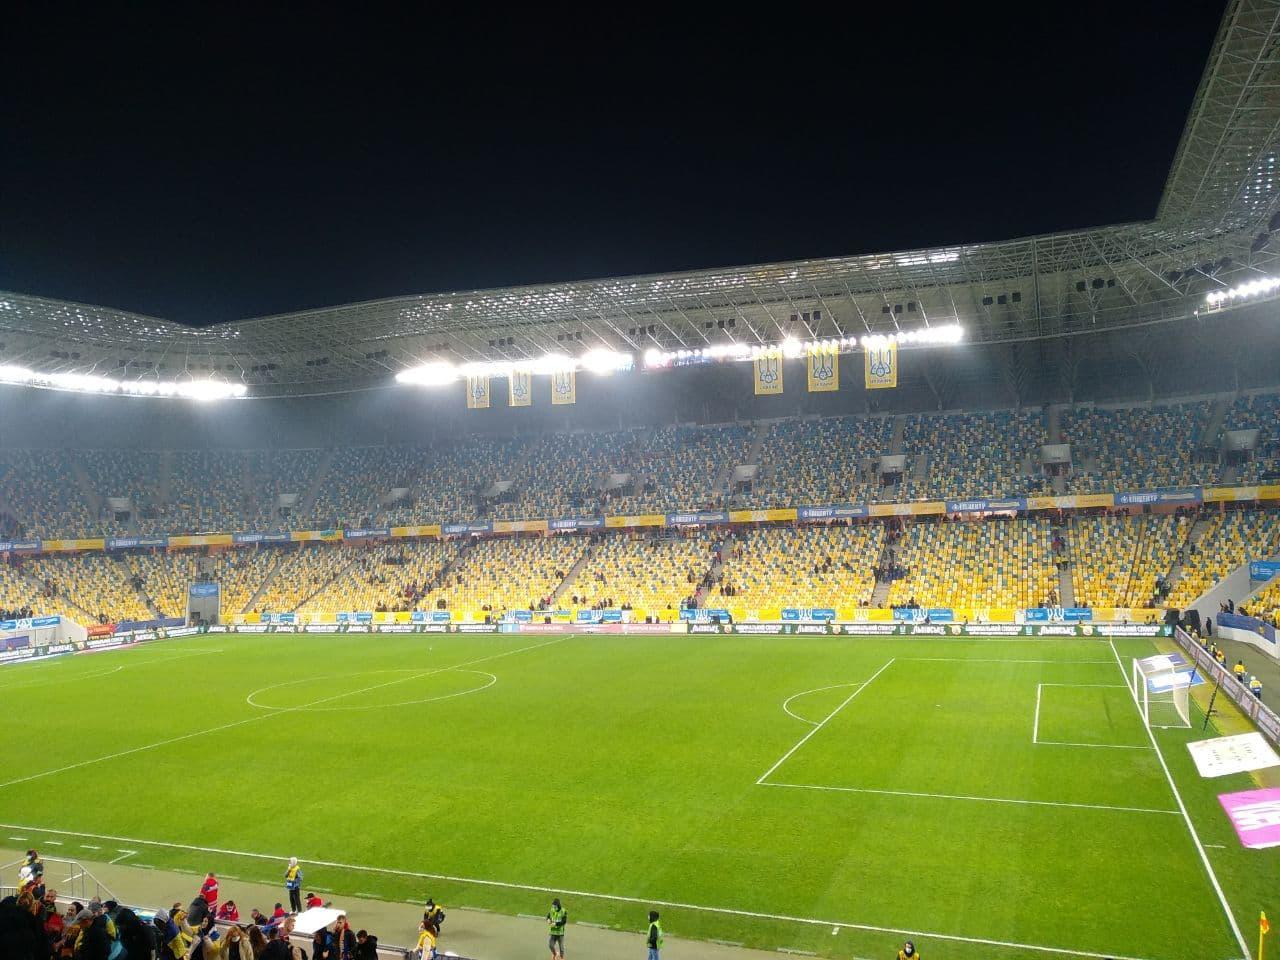 Андрія Ярмоленка визнали кращим гравцем матчу між  Україною та Боснією і Герцеговиною